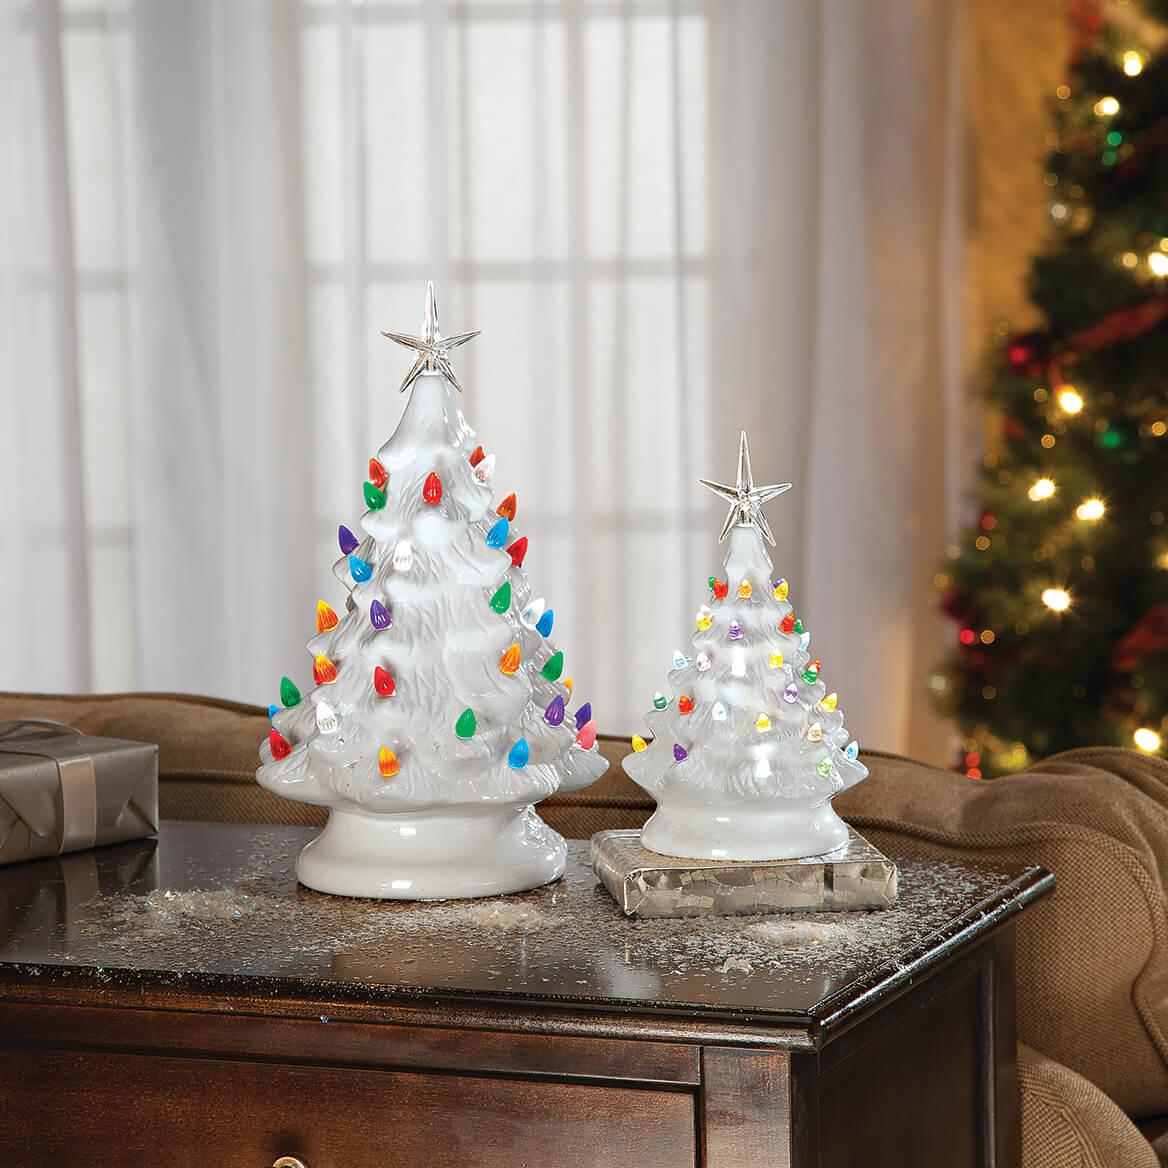 HOLIDAY PEAK Battery-Operated Vintage-Style Ceramic Christmas Tree, Nostalgic | eBay